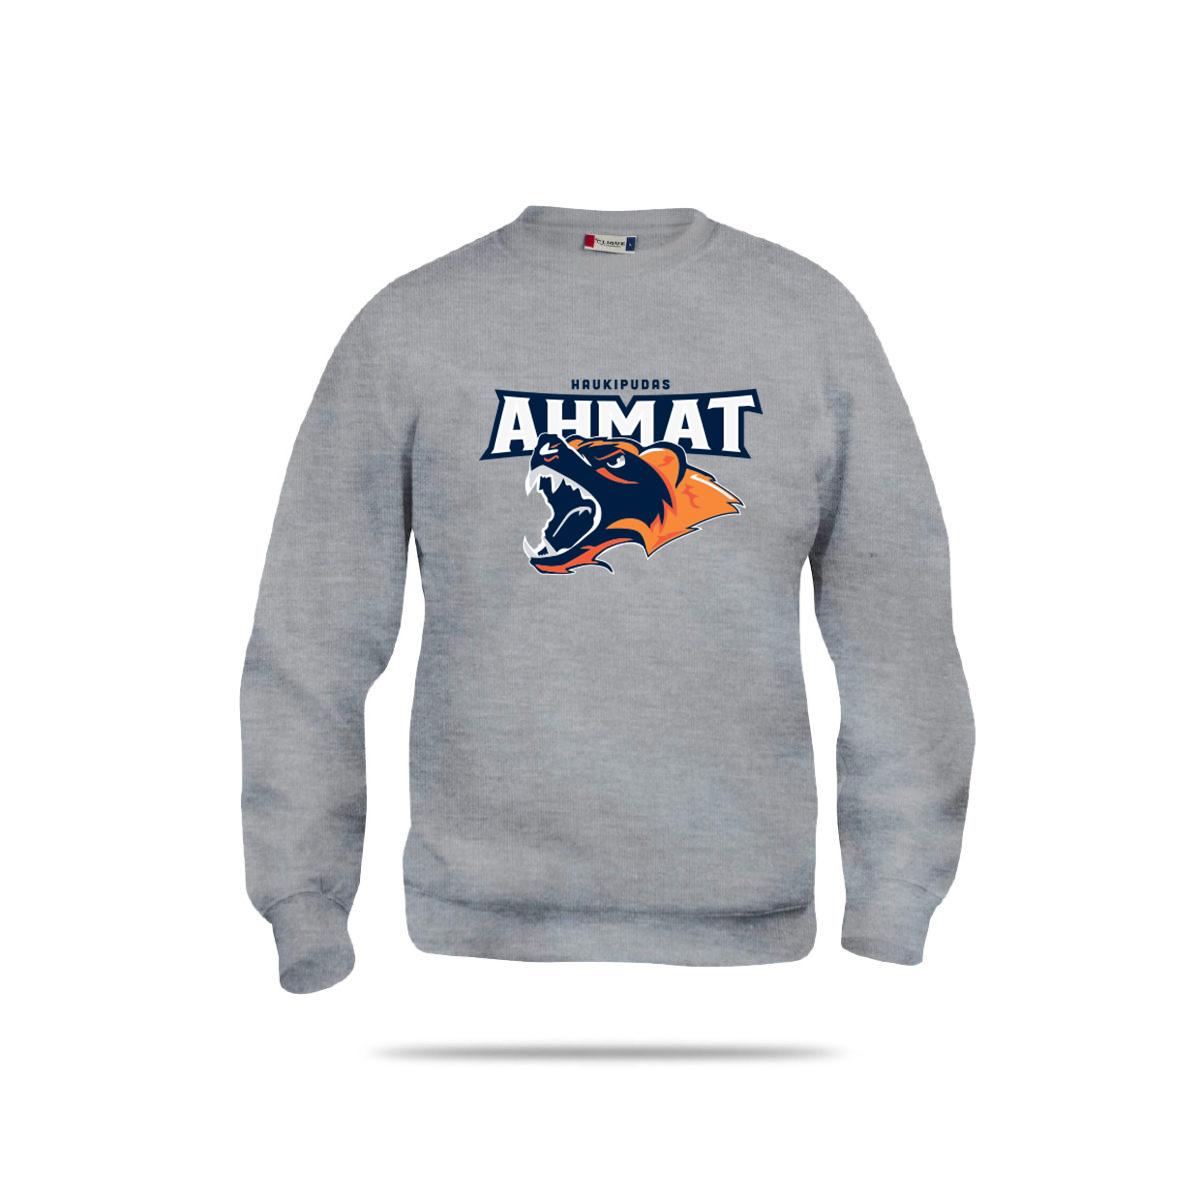 Ahmat-fani-3023-harmaa-original